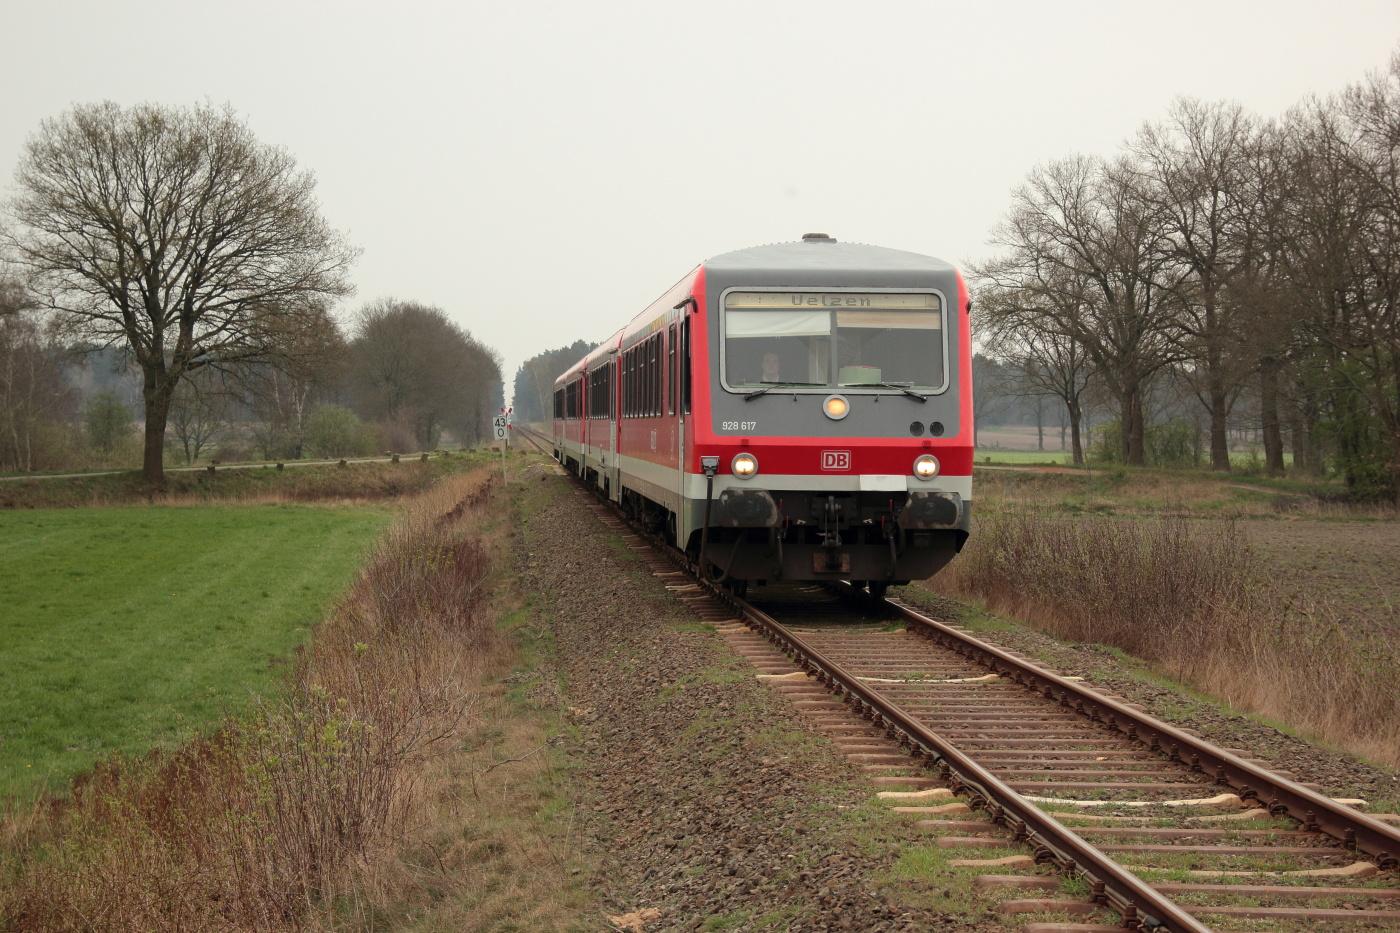 http://www.nachtbahner.de/Fotos/2014-04-05%20M%c3%bchlenbahn/k-IMG_2648%20KBS%20115%20M%c3%bchlenbahn%2005.04.14%20(11).JPG